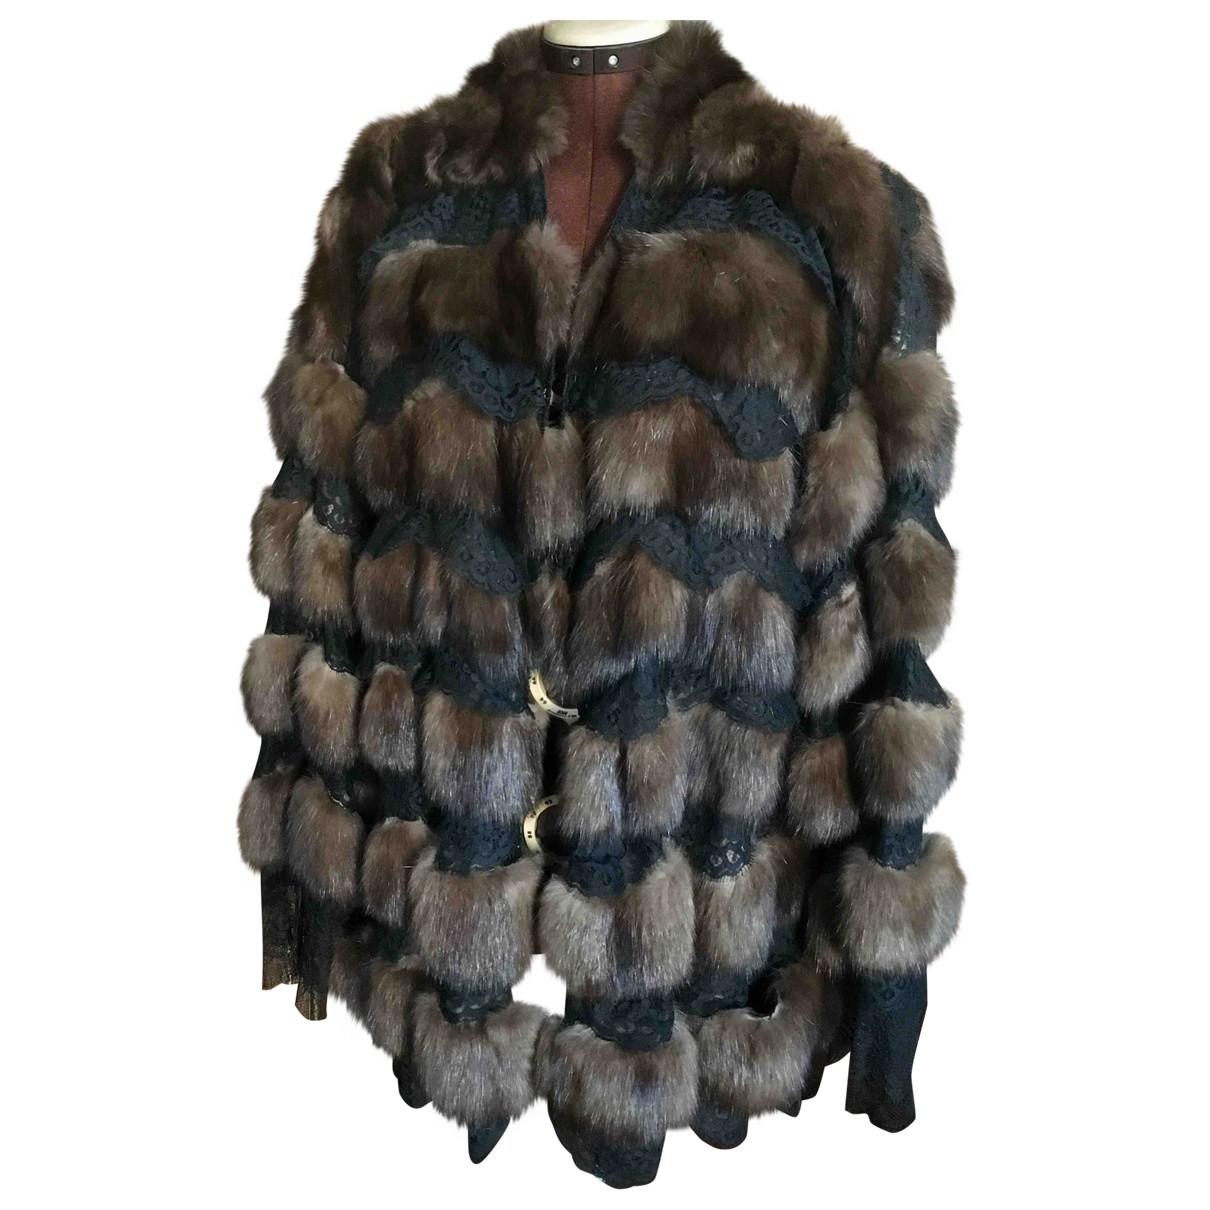 Gianfranco Ferre - Manteau   pour femme en fourrure - marron